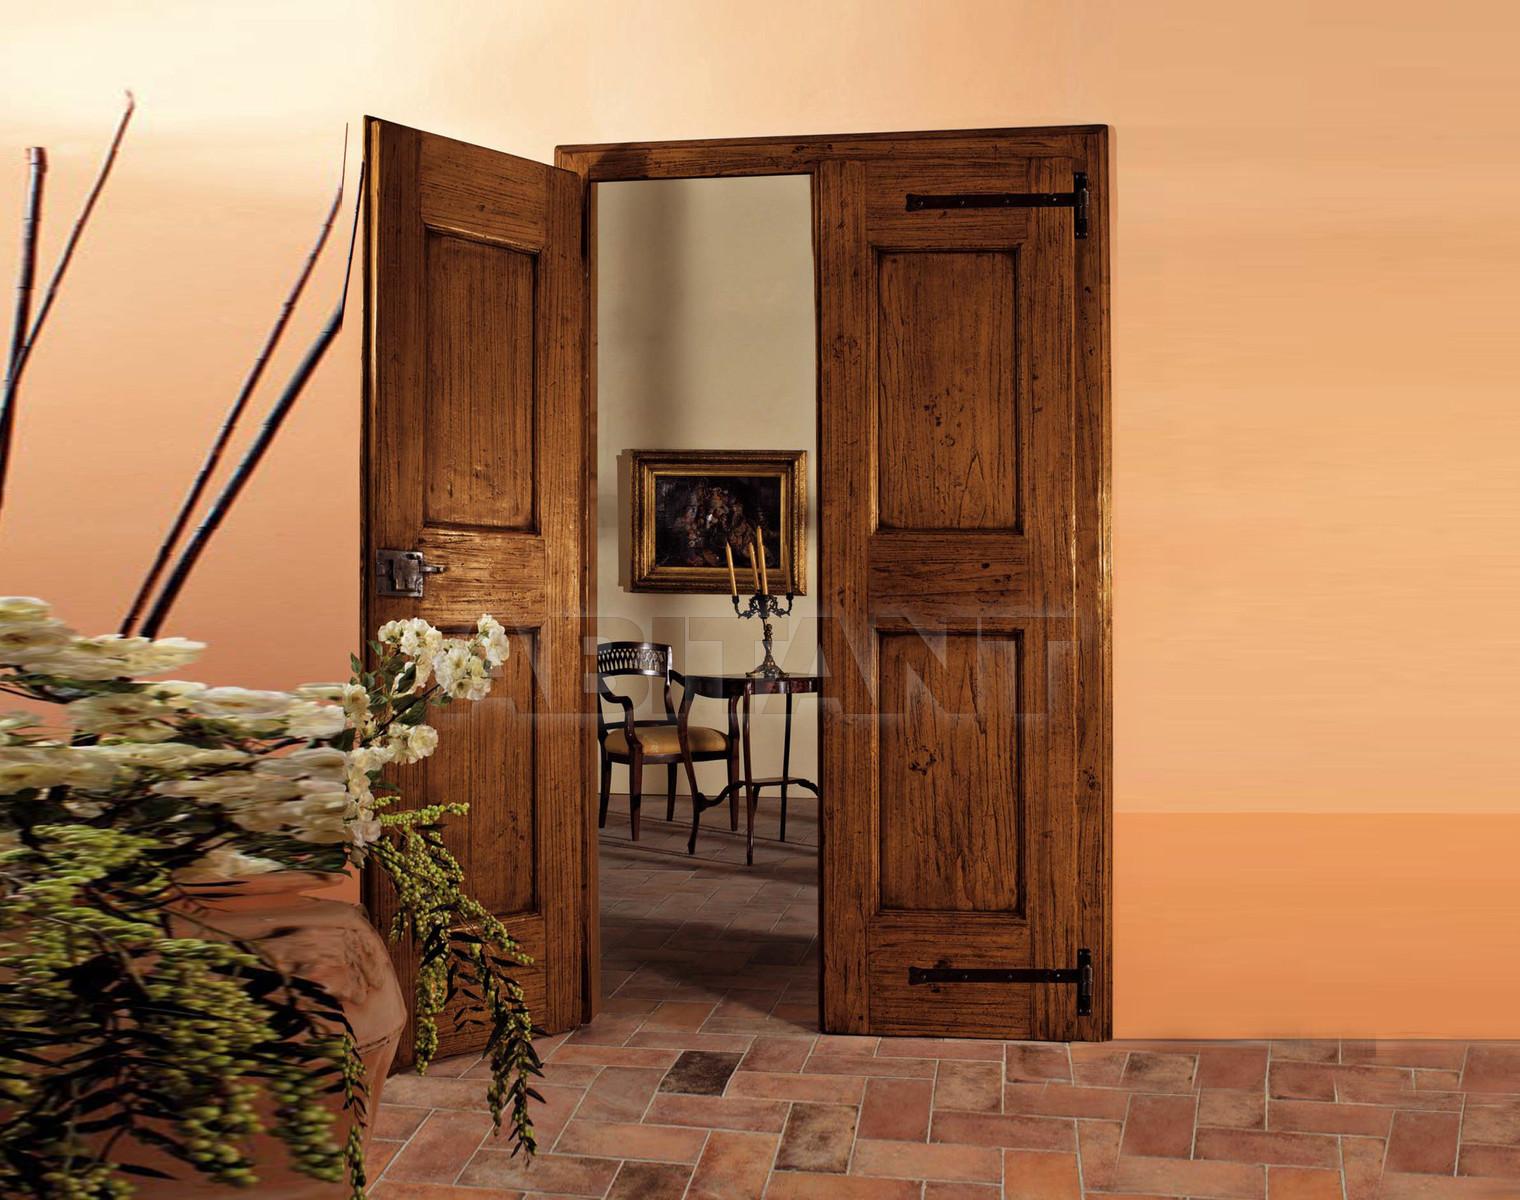 Купить Дверь двухстворчатая Tiferno Mobili Dinasie T1MAD02 pag. = 77